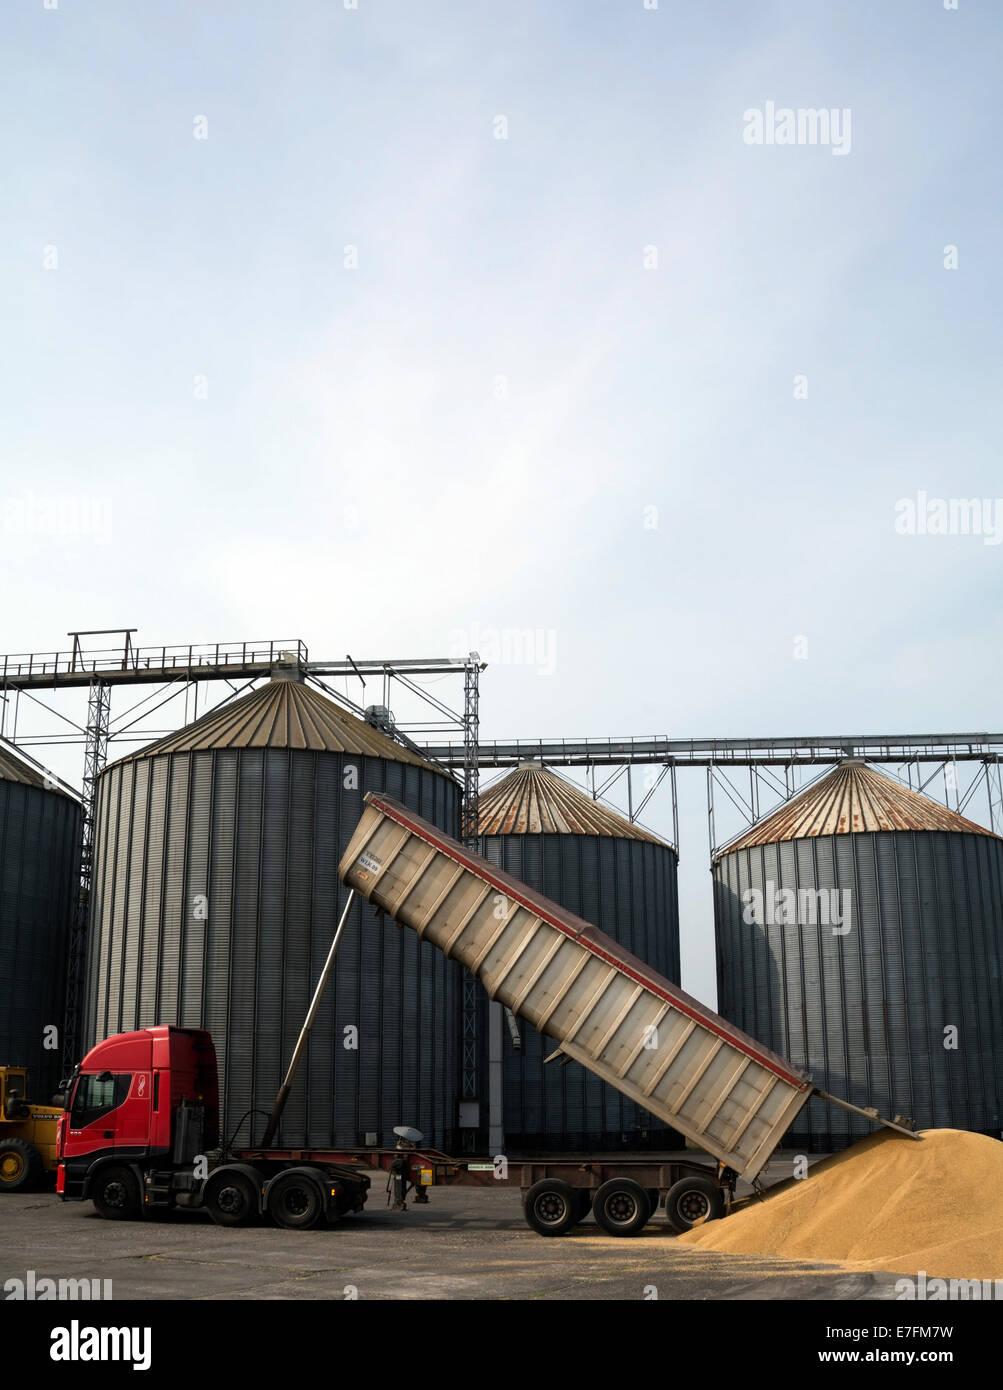 Un enorme camión volquete ofrece el grano para el almacenamiento y procesamiento, es arrojada fuera hasta que Imagen De Stock